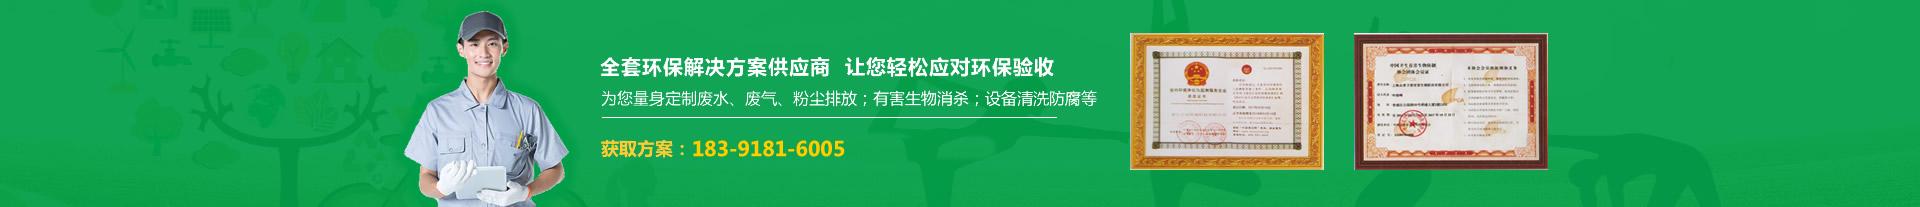 咸阳环境治理公司